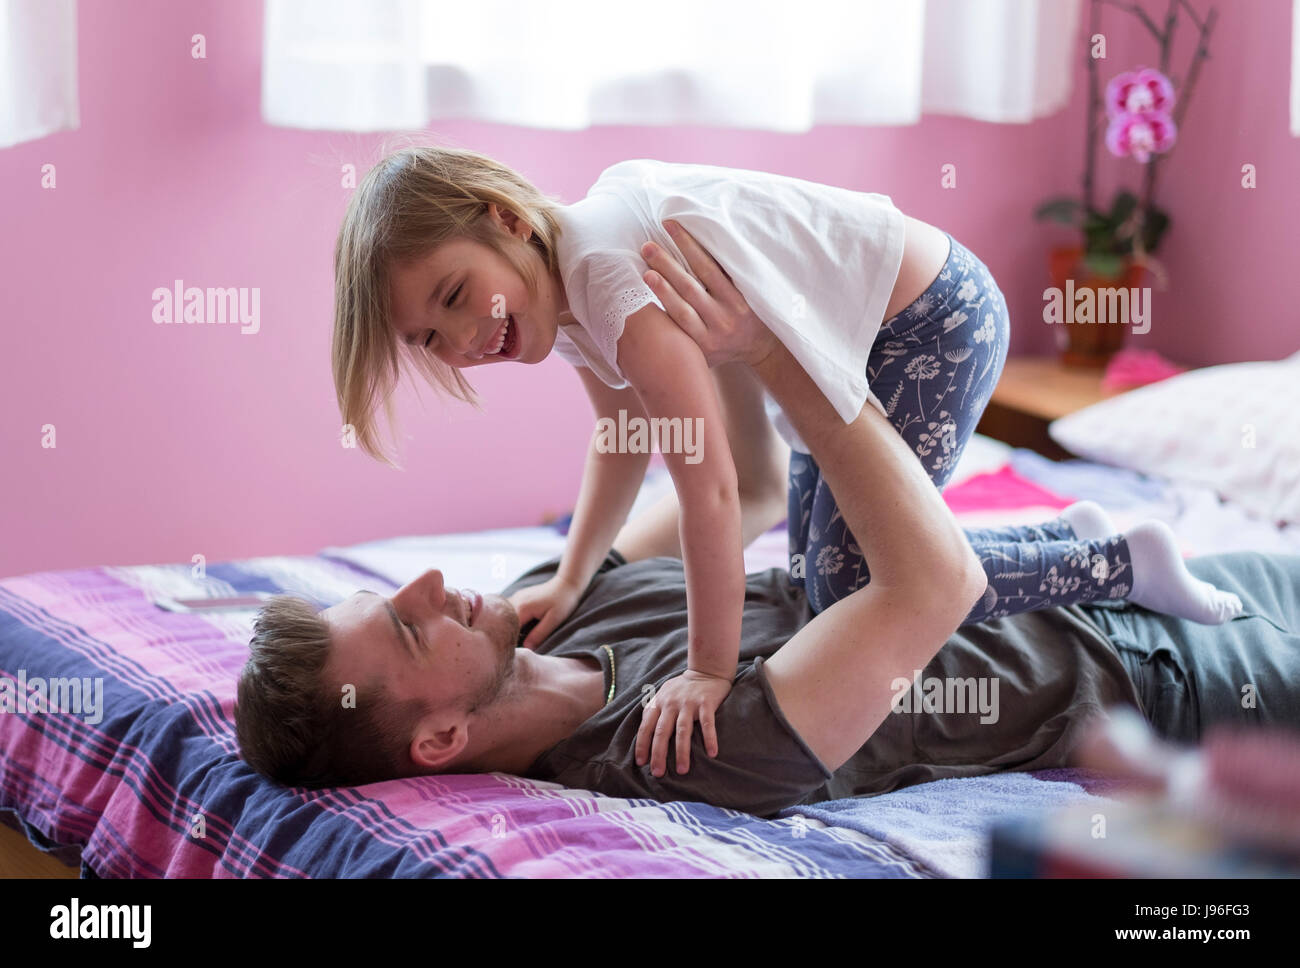 Fratello e Sorella gioca a letto Immagini Stock